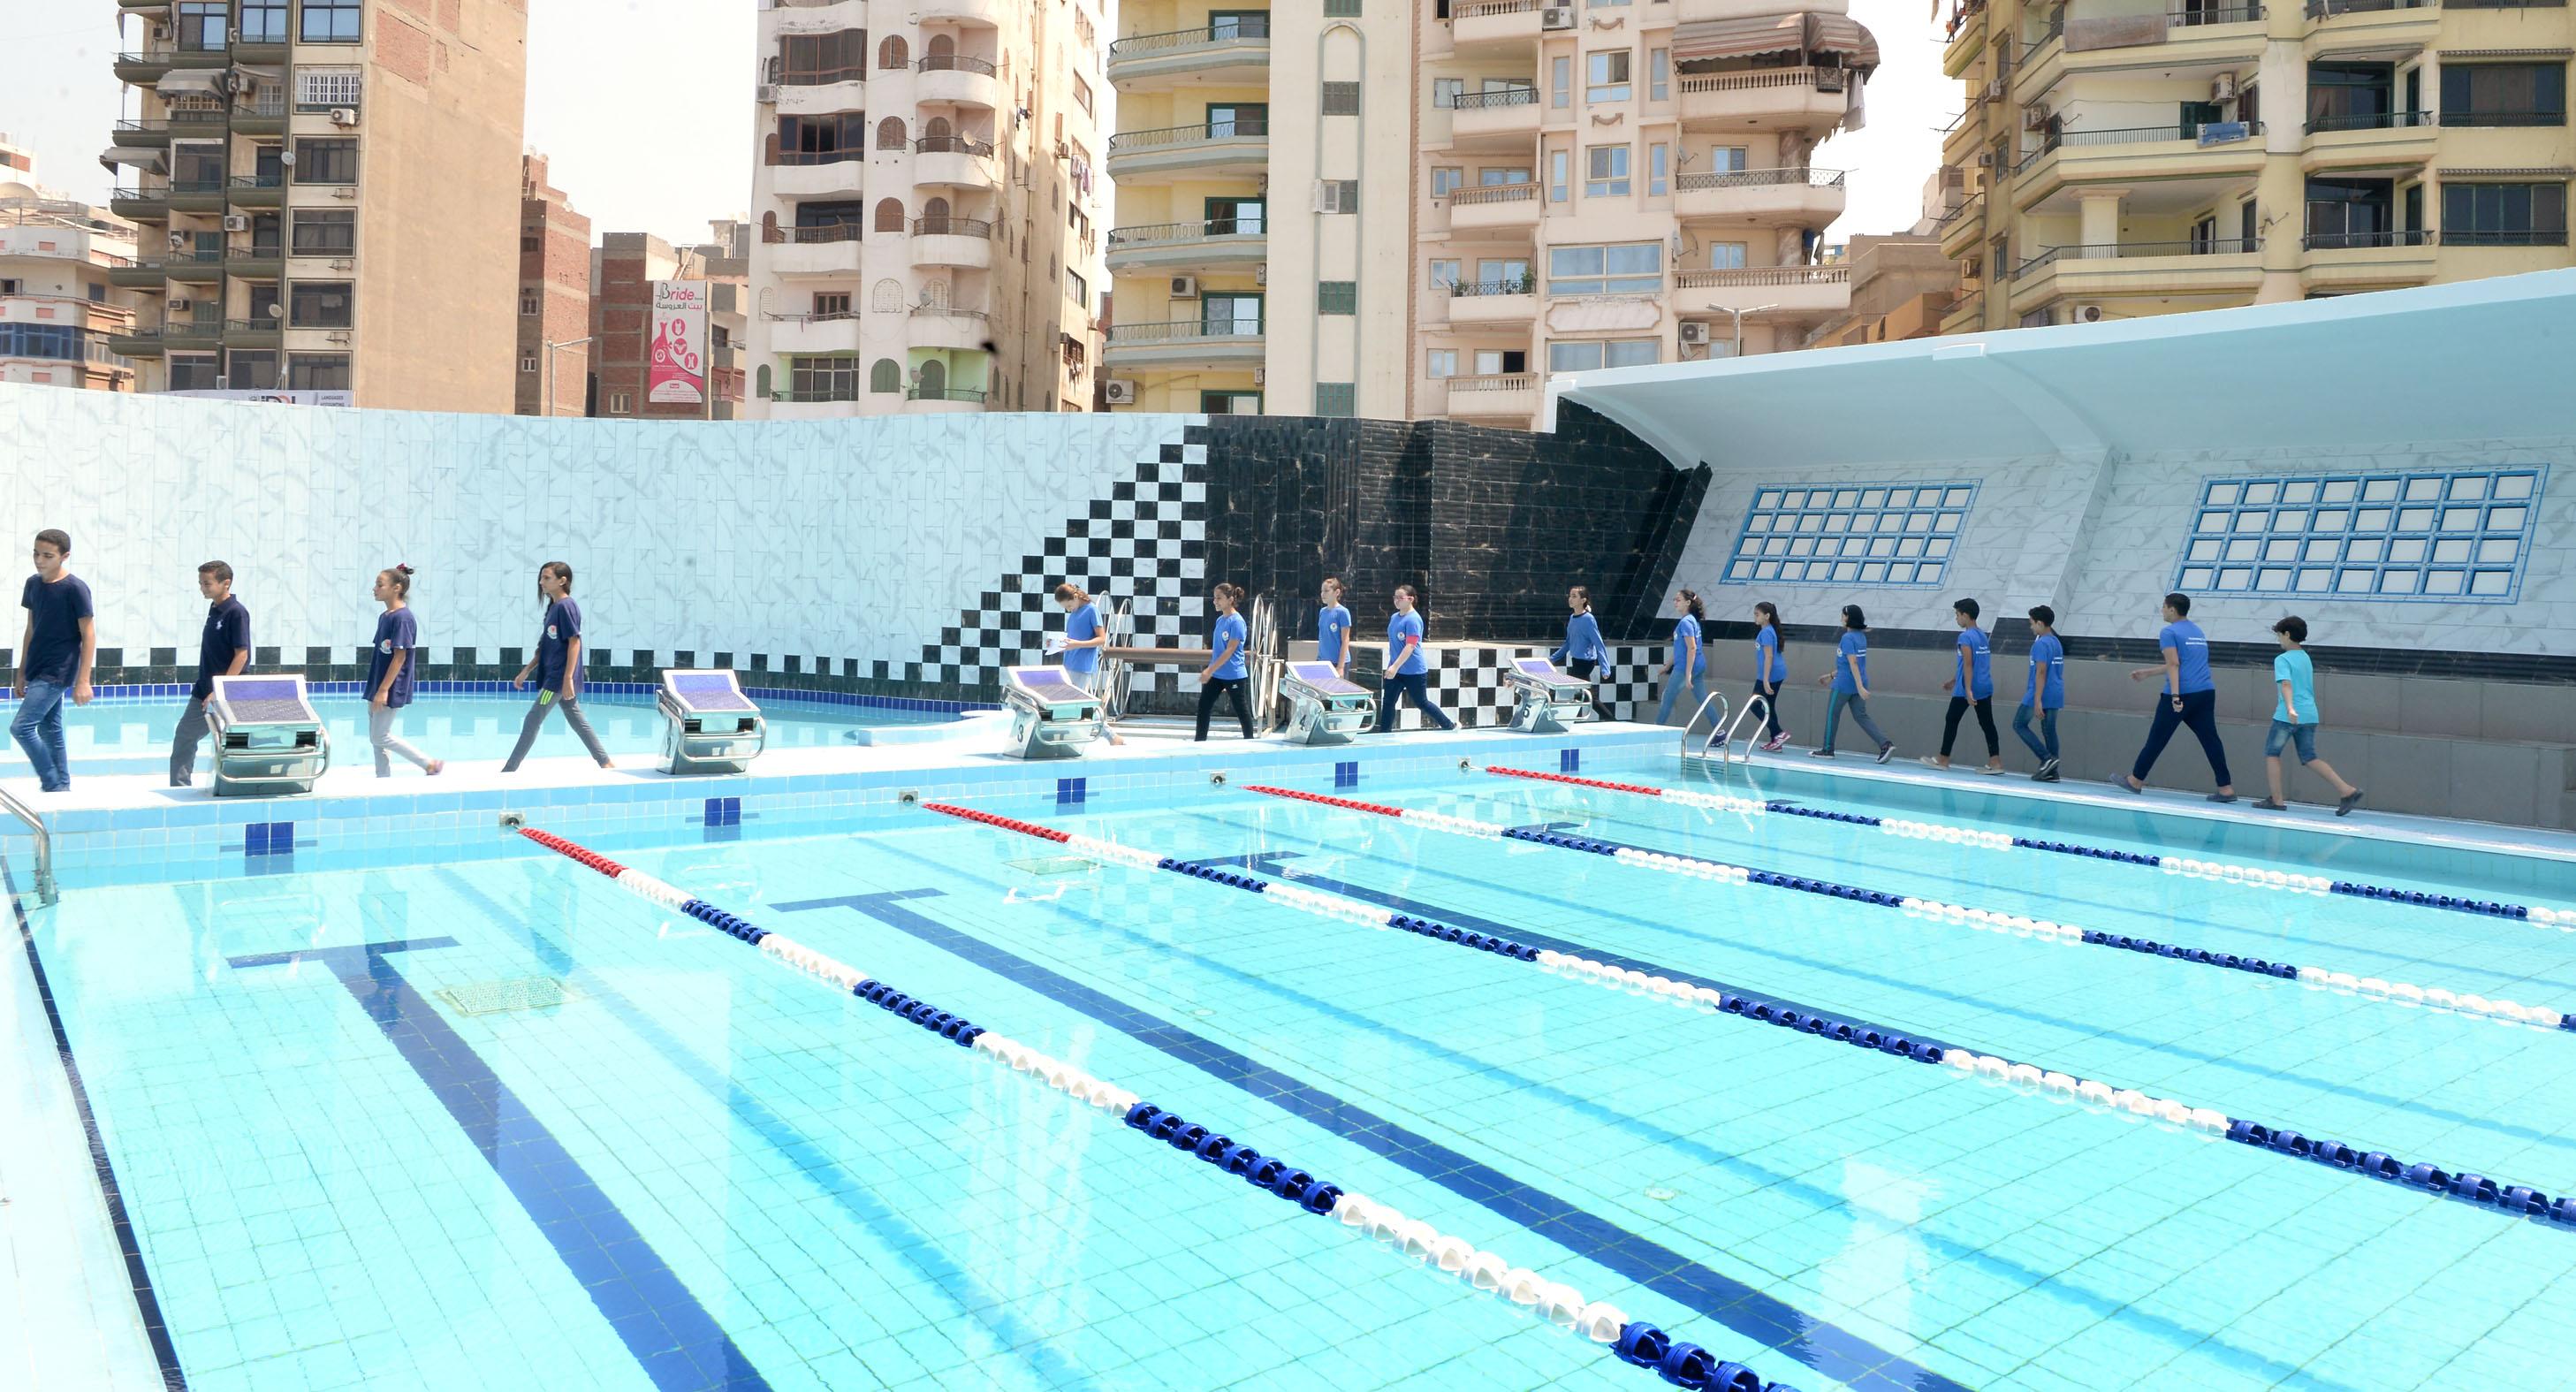 رئيس جامعة المنصورة يفتتح حمام السباحة التعليمى بالقرية الأولمبية بجامعة المنصورة (6)